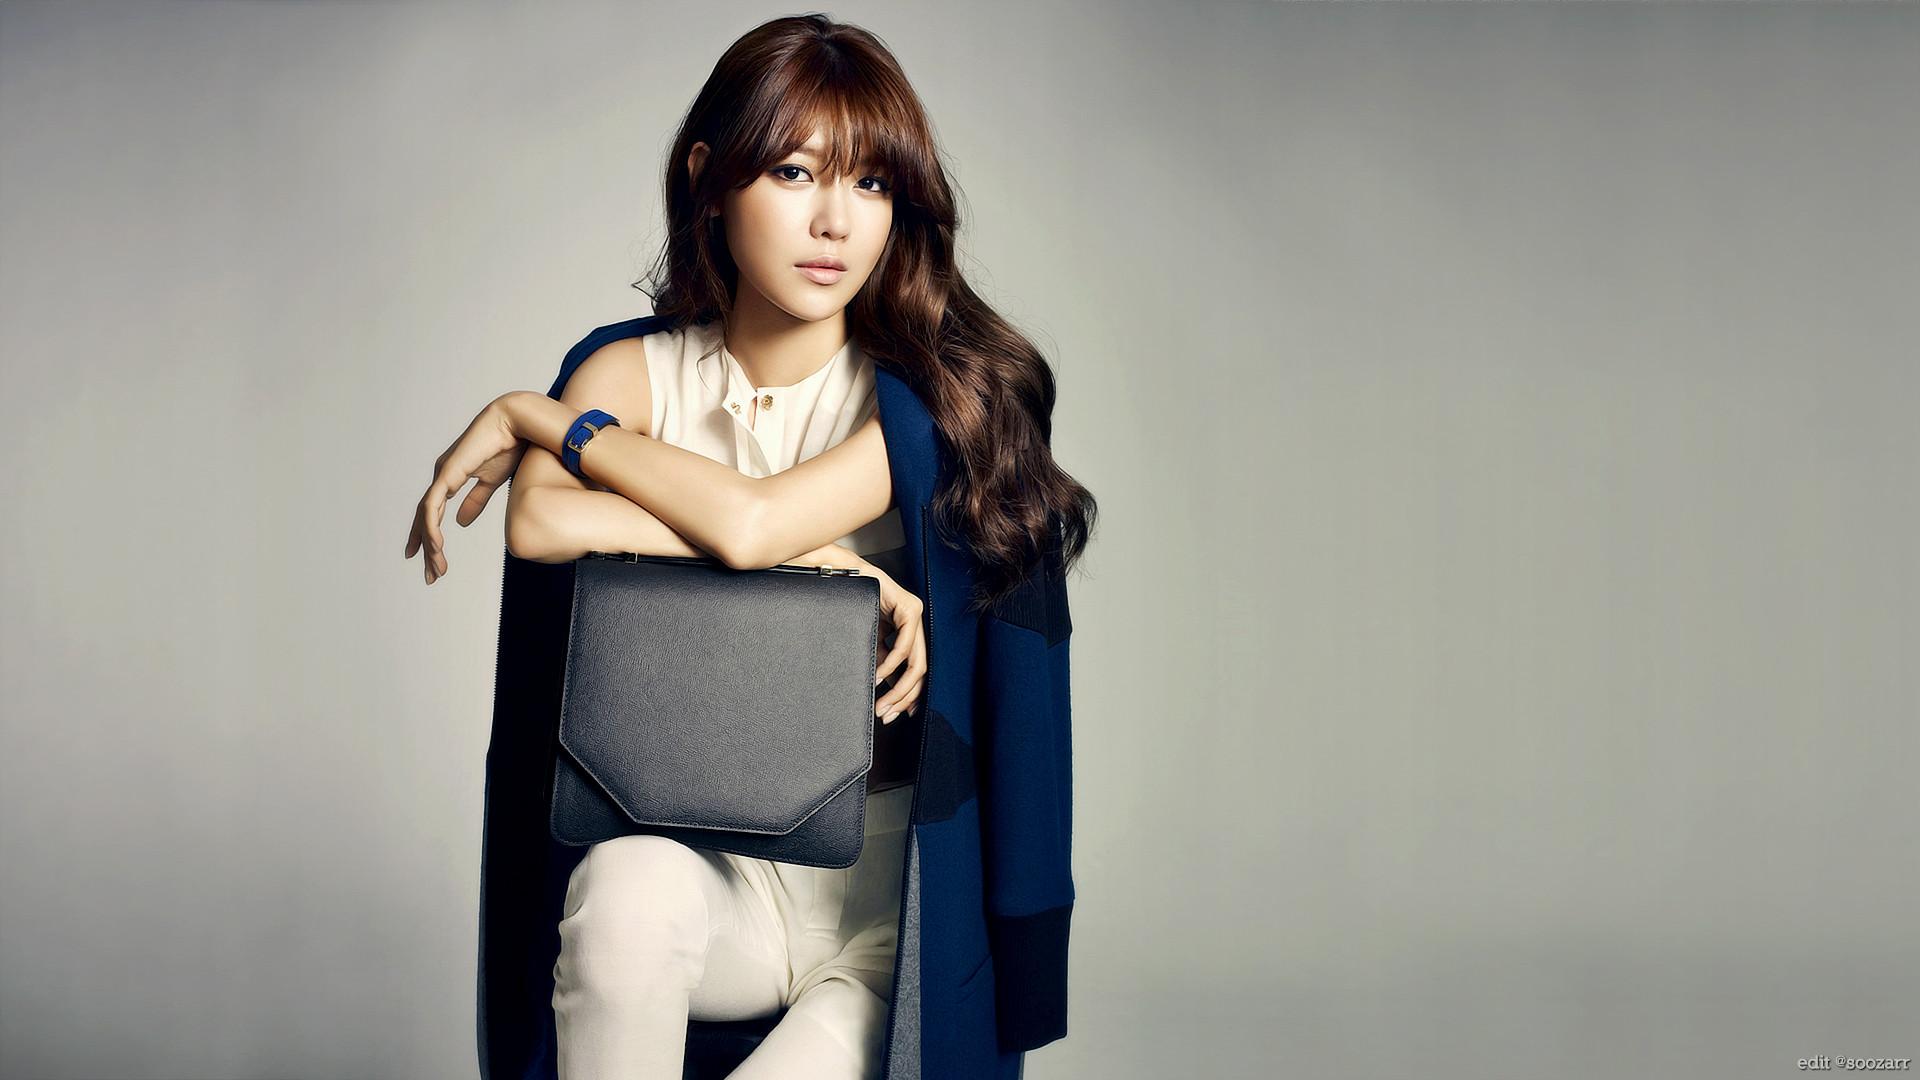 Wallpaper Women Model Long Hair Asian Singer Blue: Snsd Sooyoung Wallpaper (82+ Images